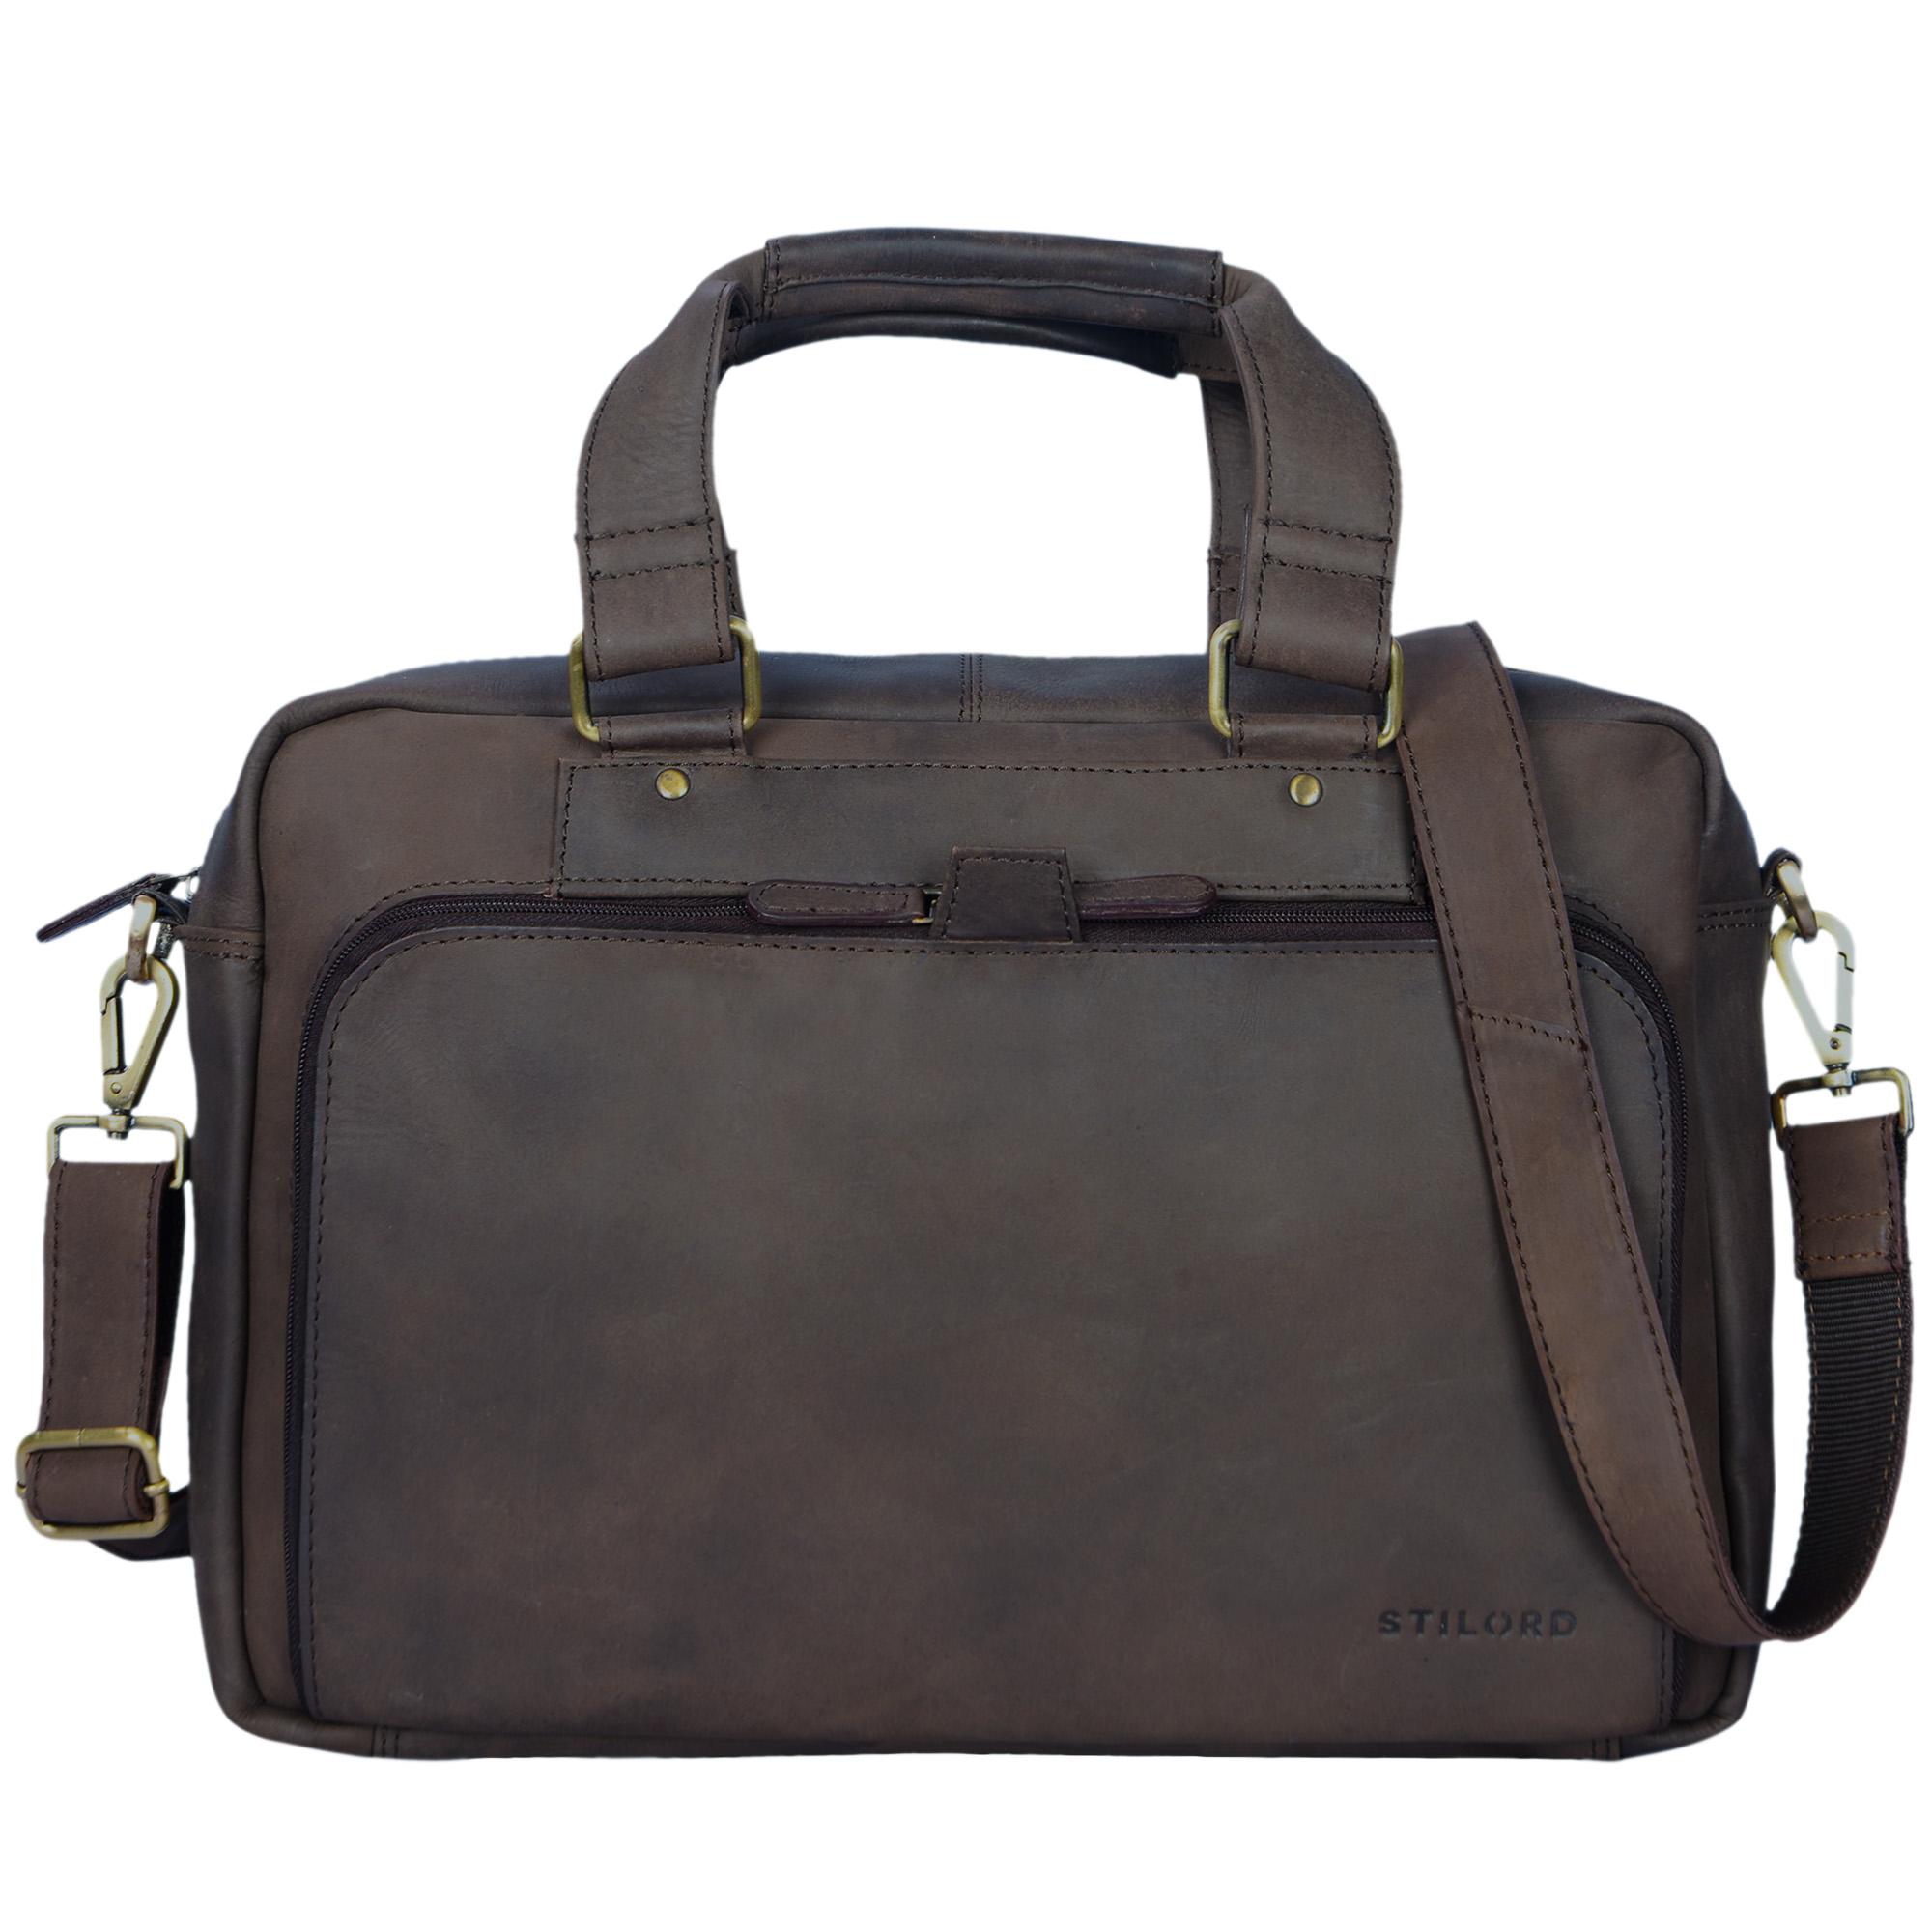 """STILORD """"Jon"""" Vintage Leder Umhängetasche Herren Damen Laptoptasche 15.6 Zoll für große DIN A4 Aktenordner Business Büro Arbeit Uni echtes Büffelleder - Bild 11"""